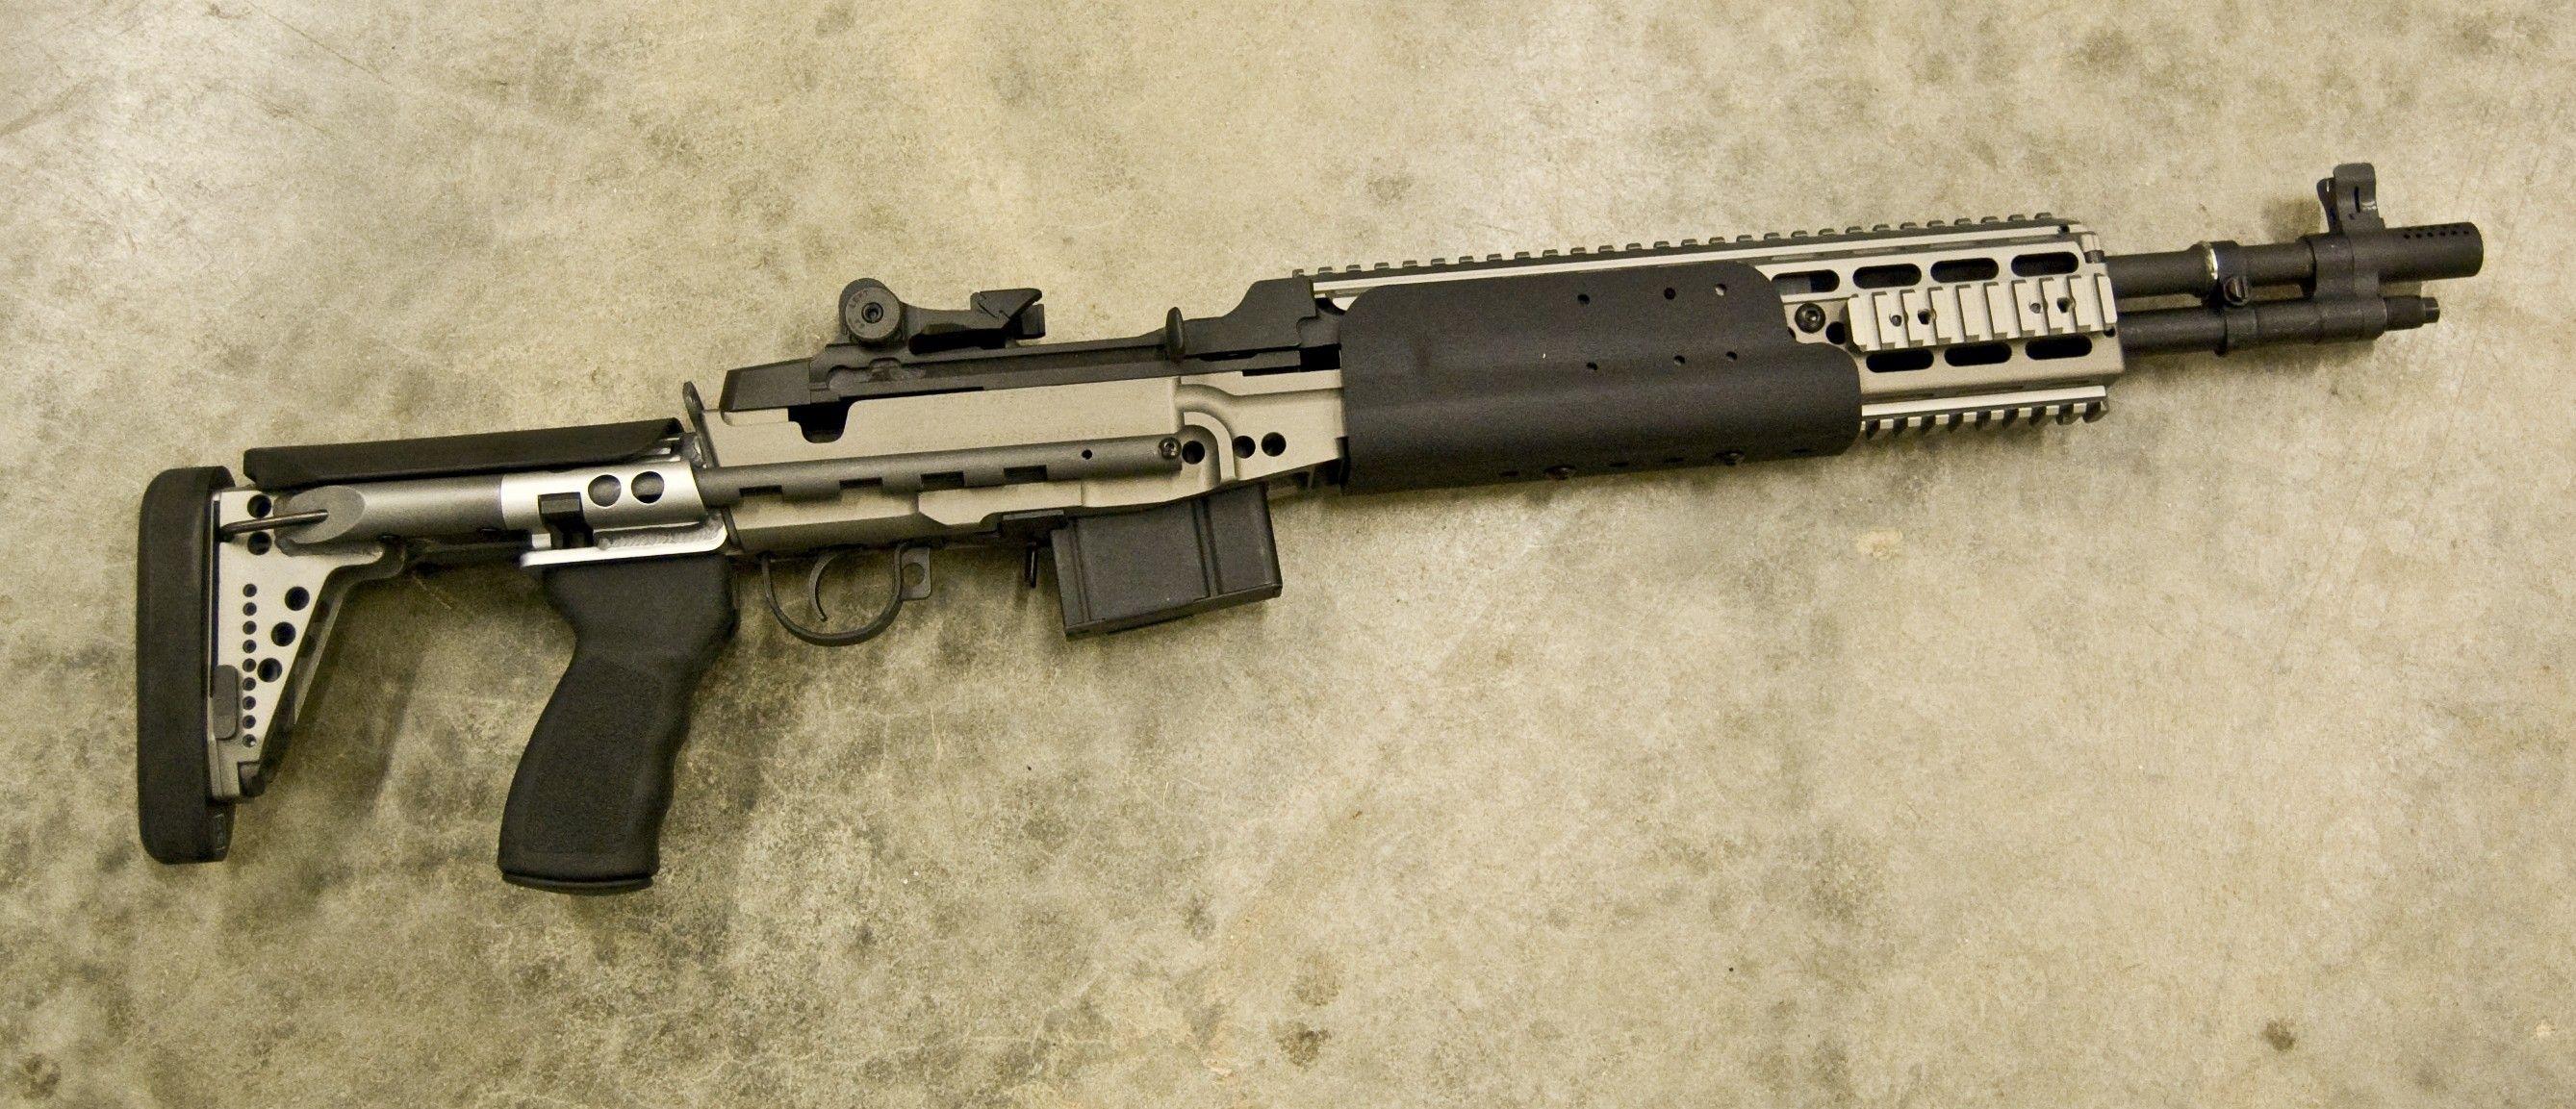 M14 EBR GUNS & GEAR Pinterest Battle rifle, Guns and